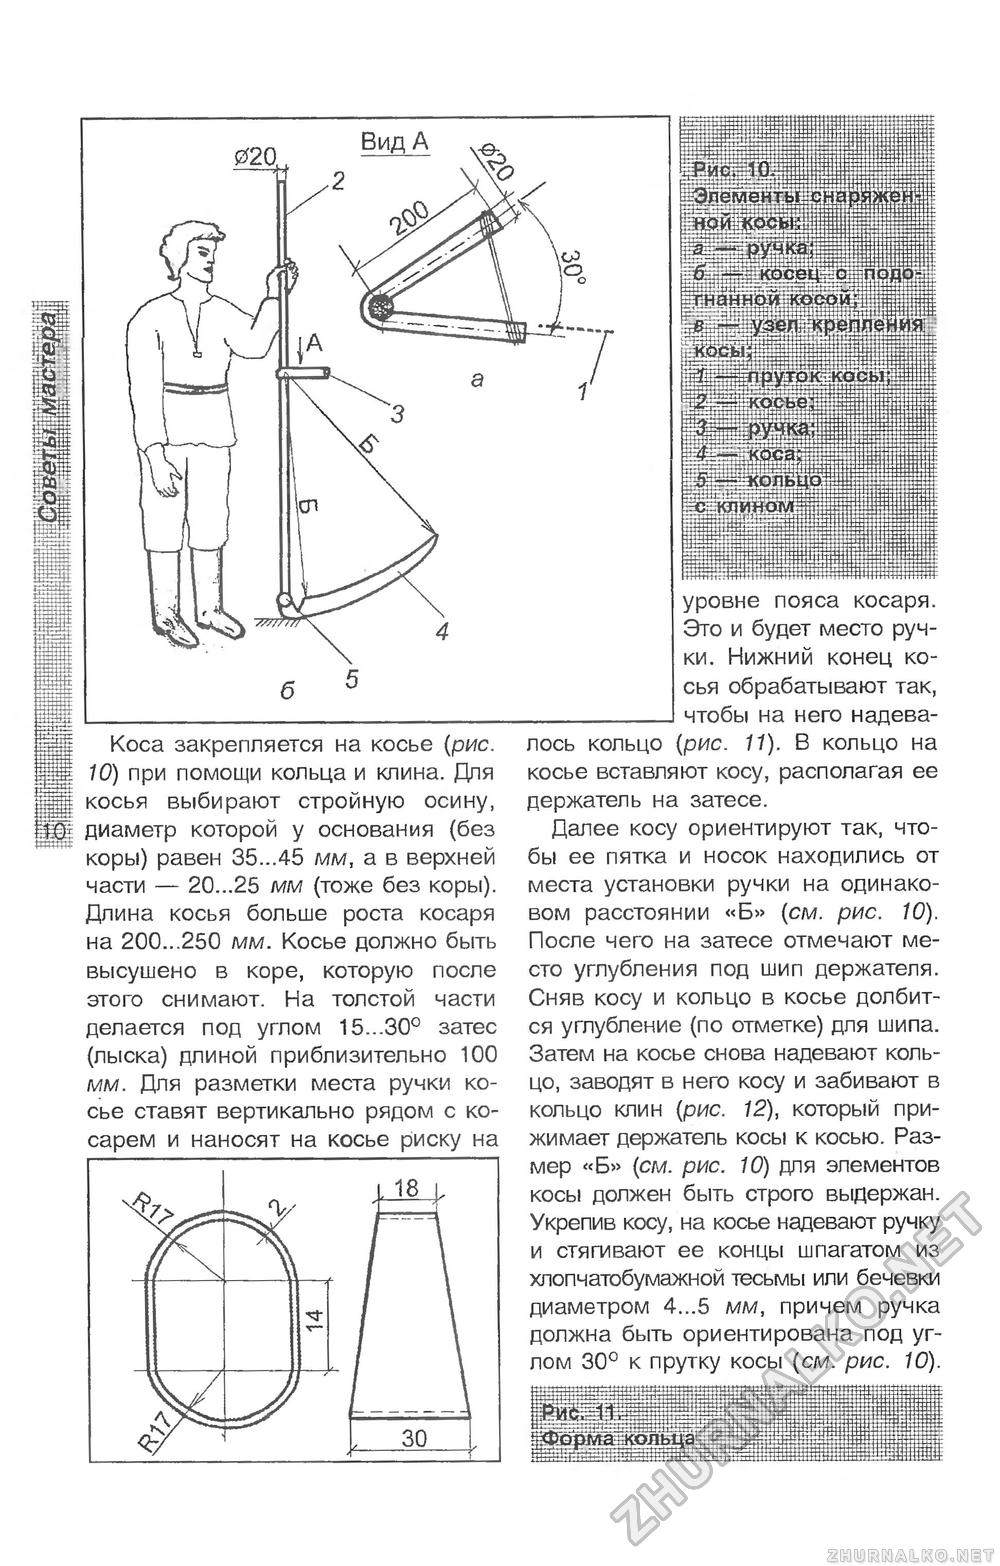 Как сделать косовище для косы своими руками фото 39